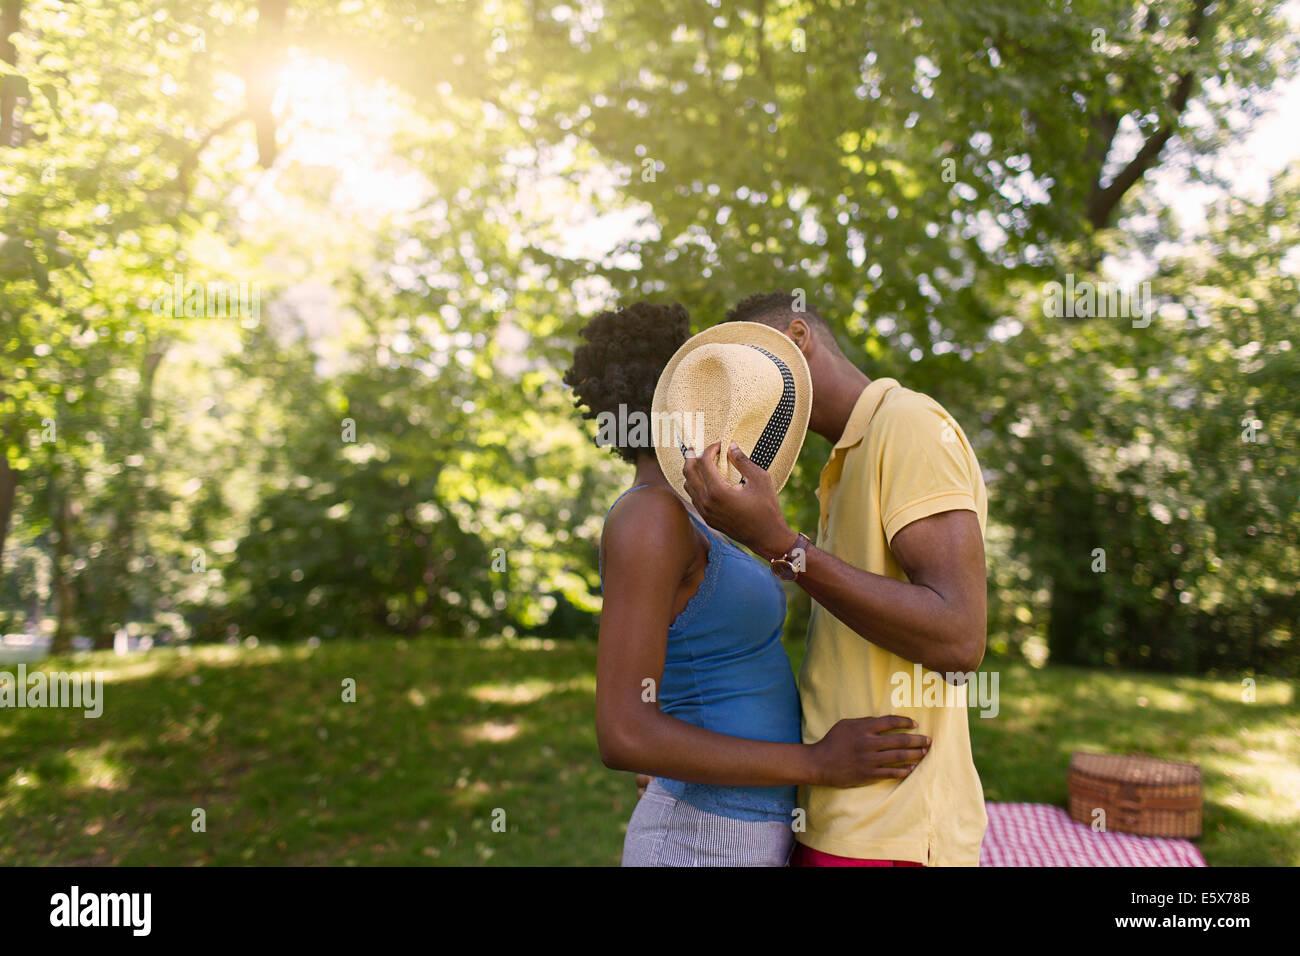 Pareja joven en el parque mantiene sombrero para cubrir caras Imagen De Stock